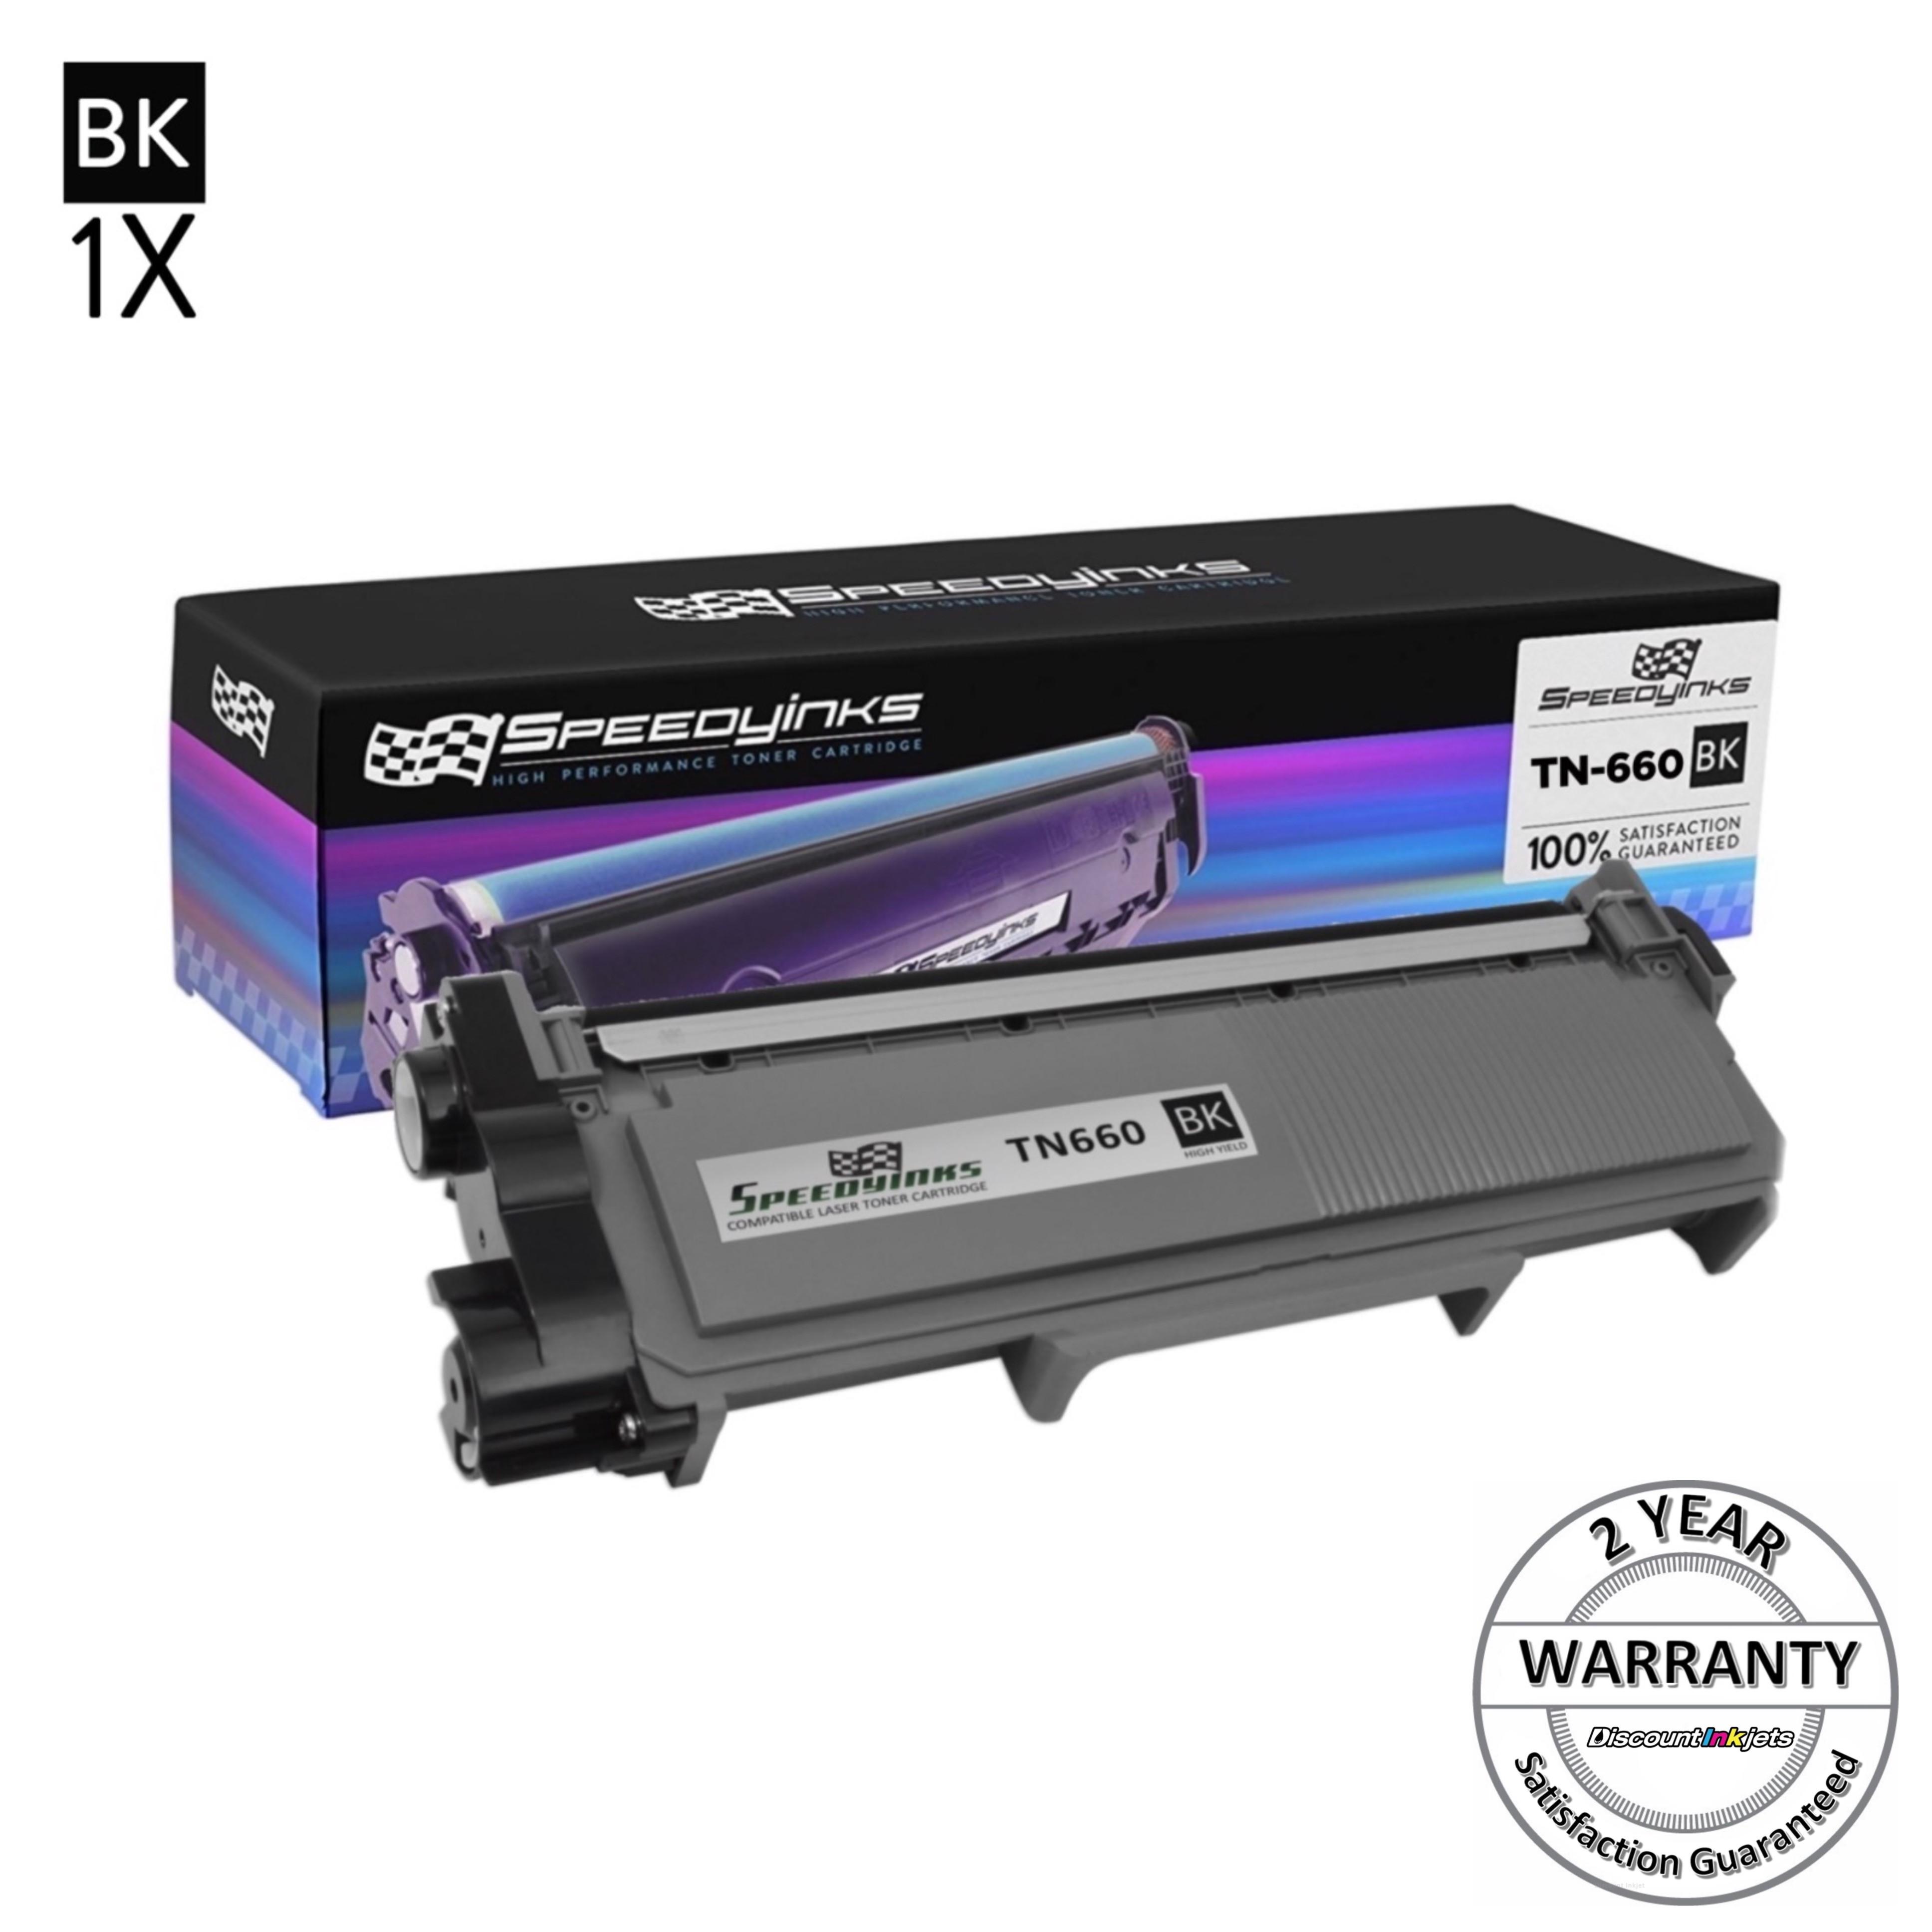 HL-L2380DW 2X High Yield BLACK Toners for BROTHER TN660 L2740DW MFC-L2720DW